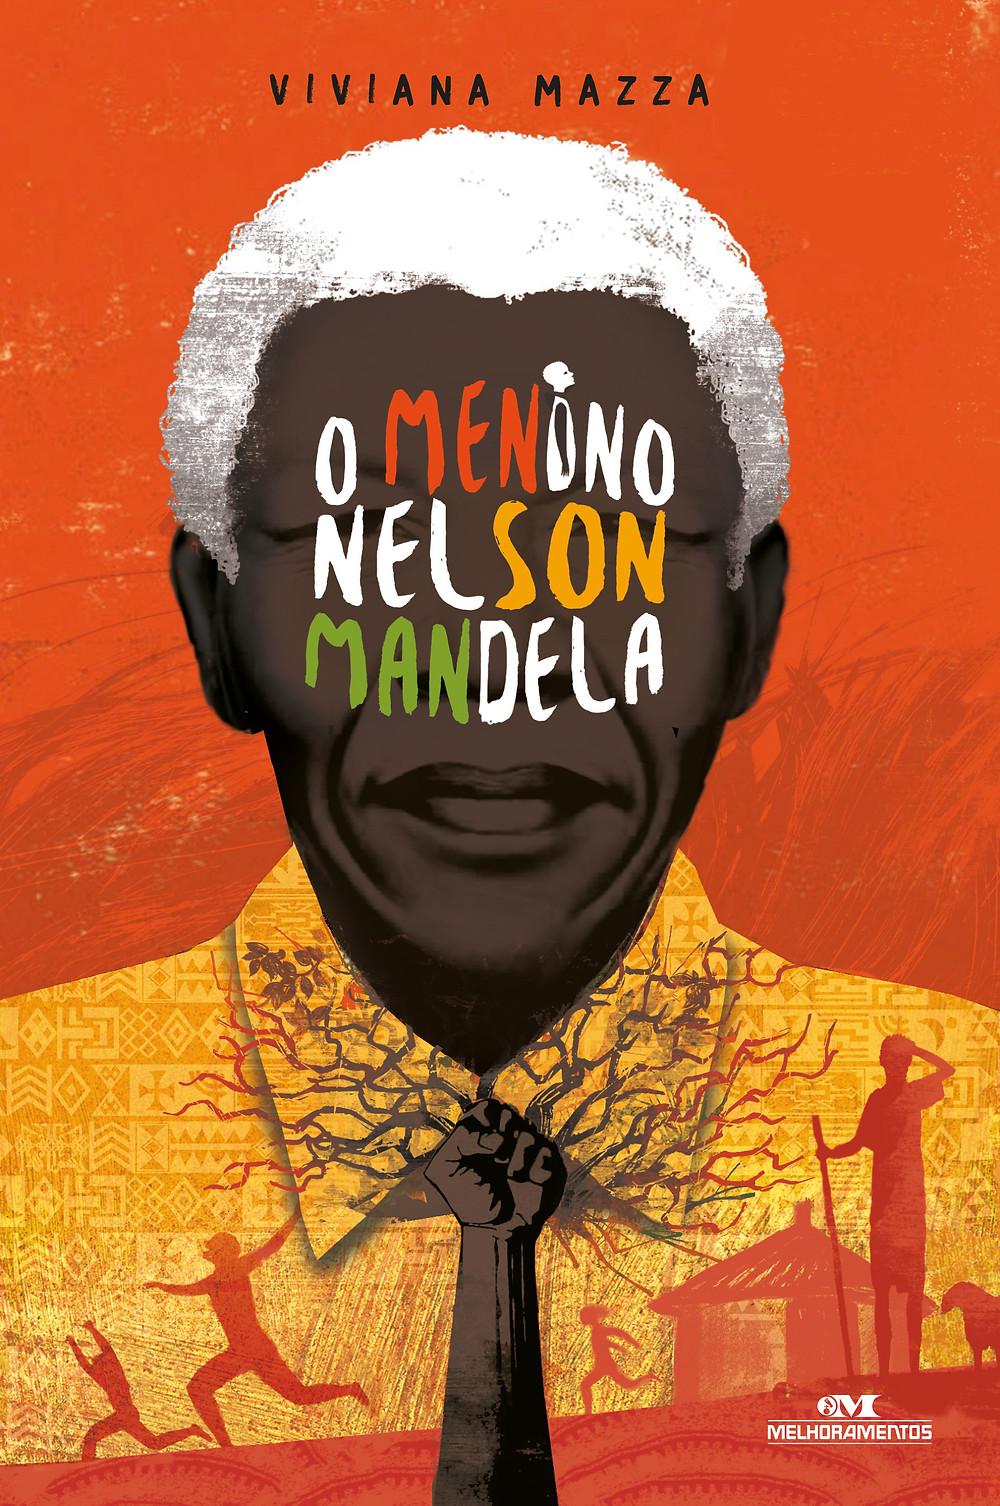 O menino Nelson Mandela _Melhoramentos